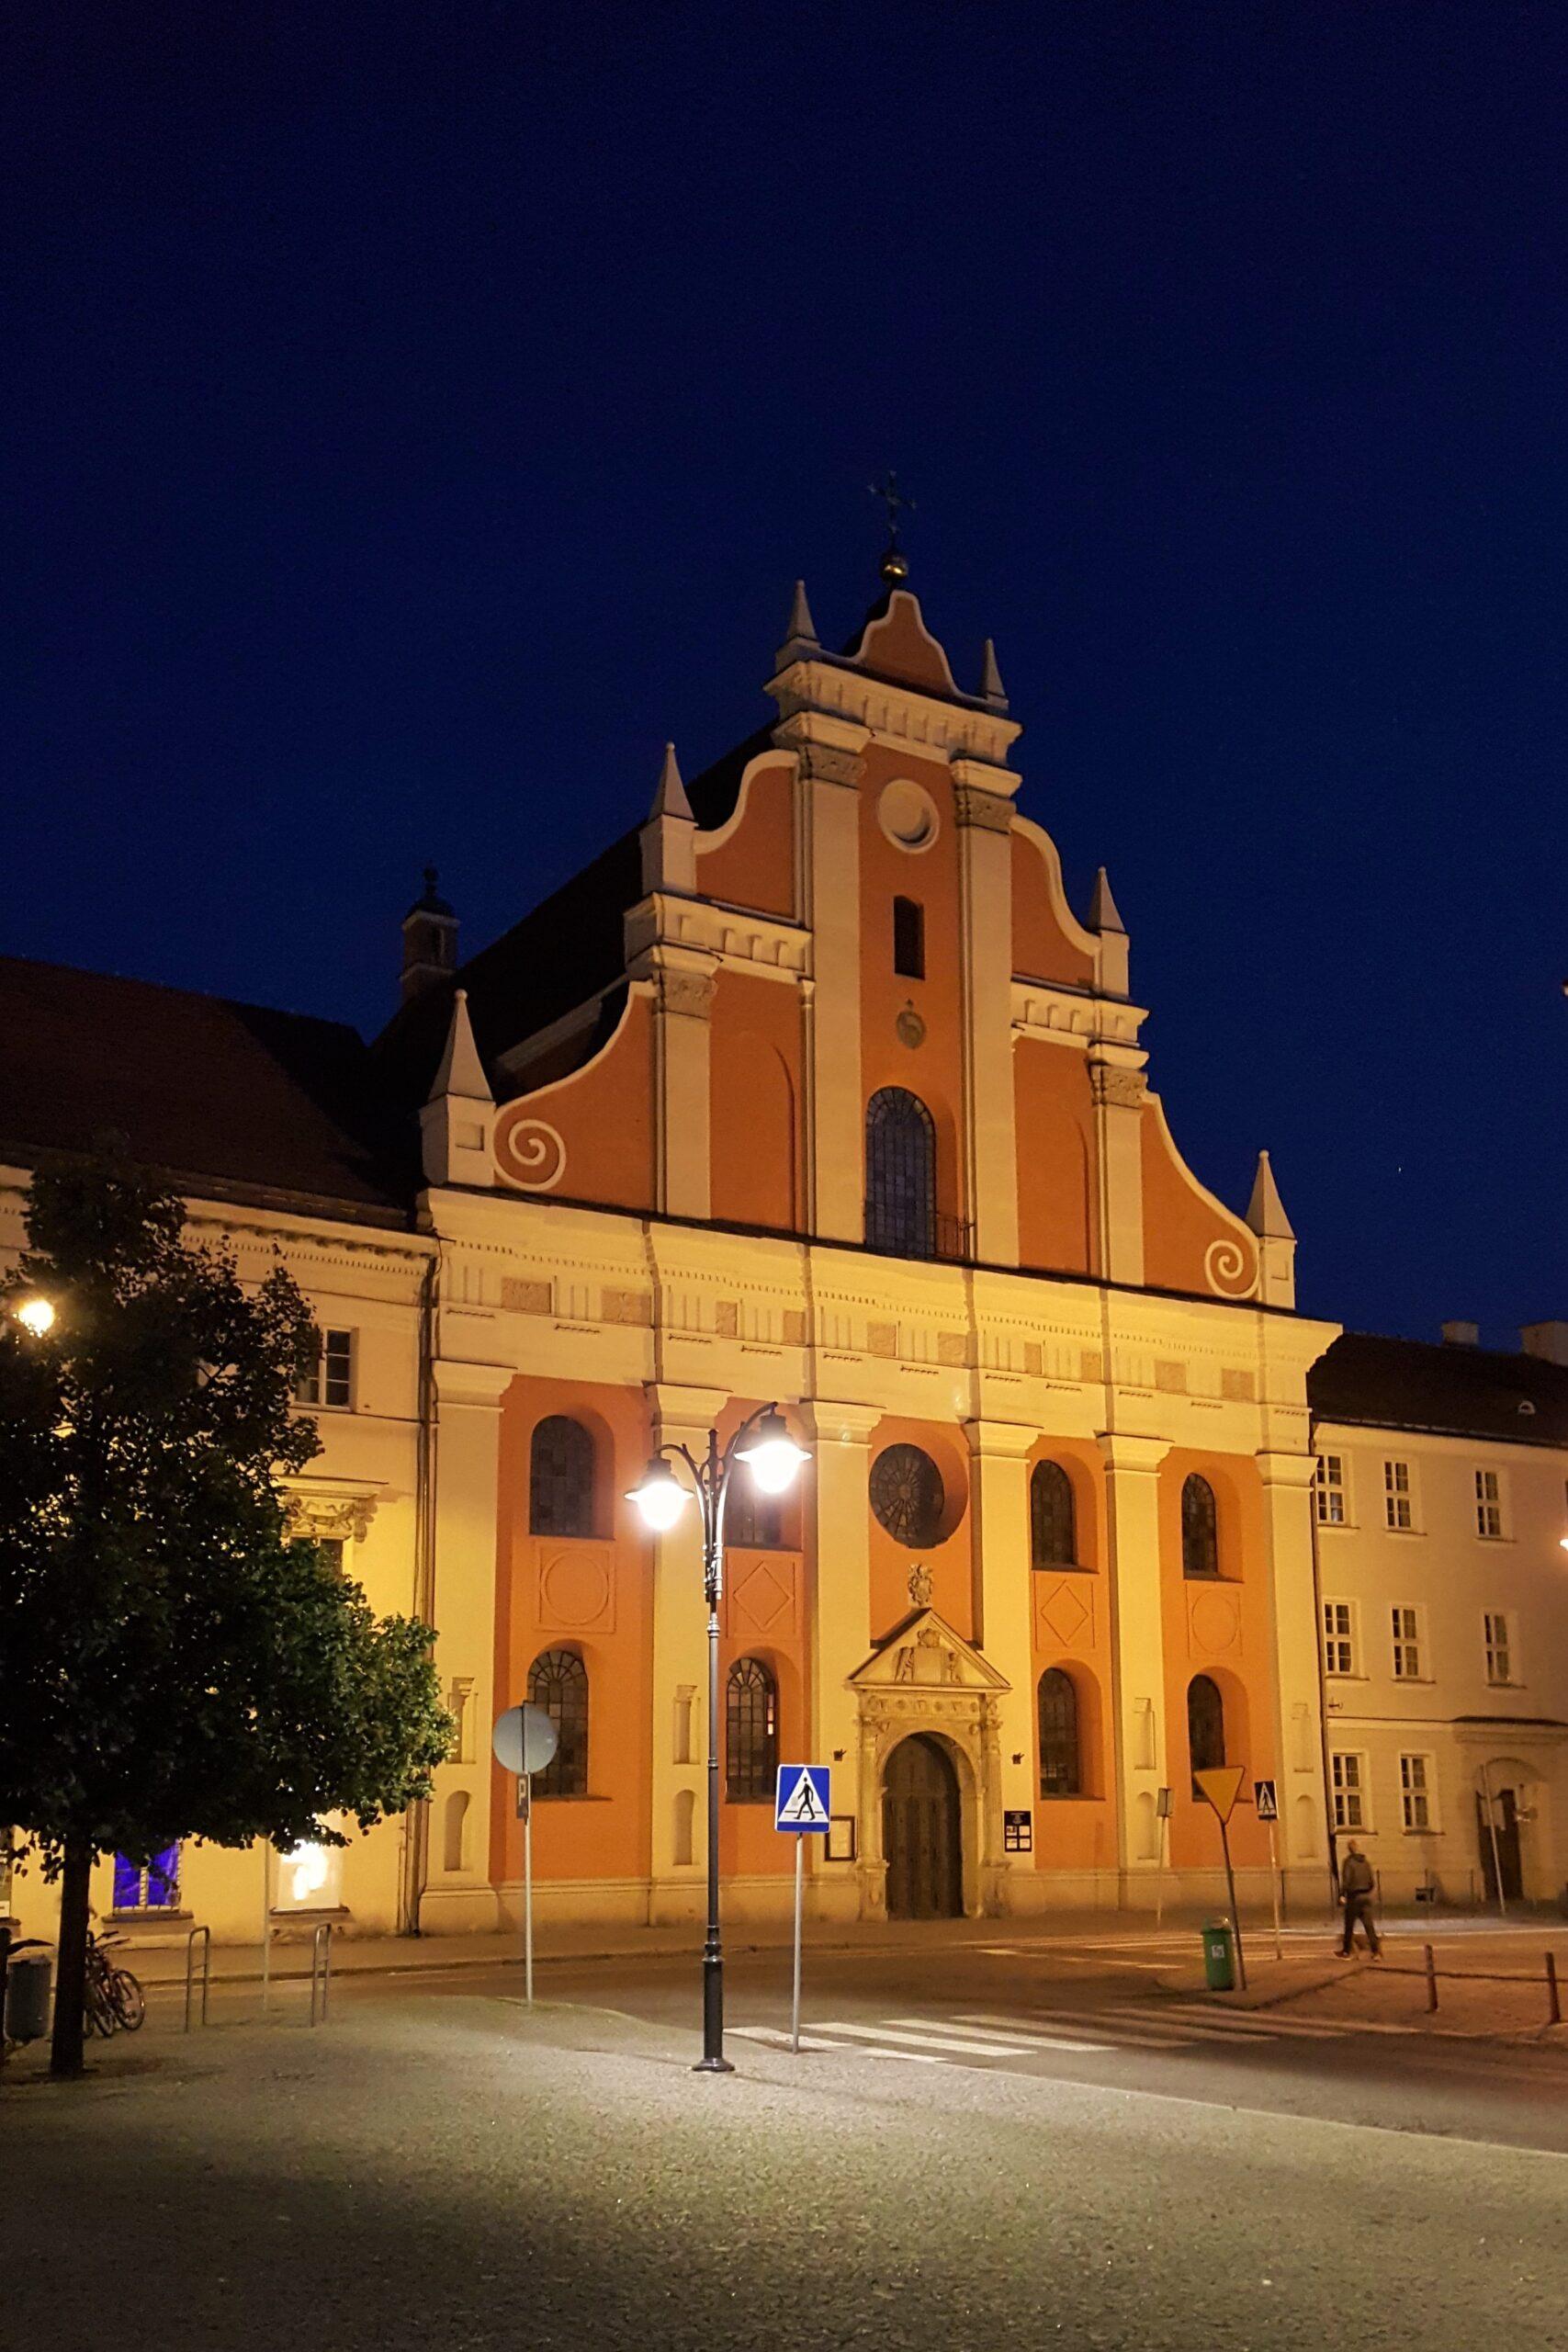 barokowa fasada kościoła nocą